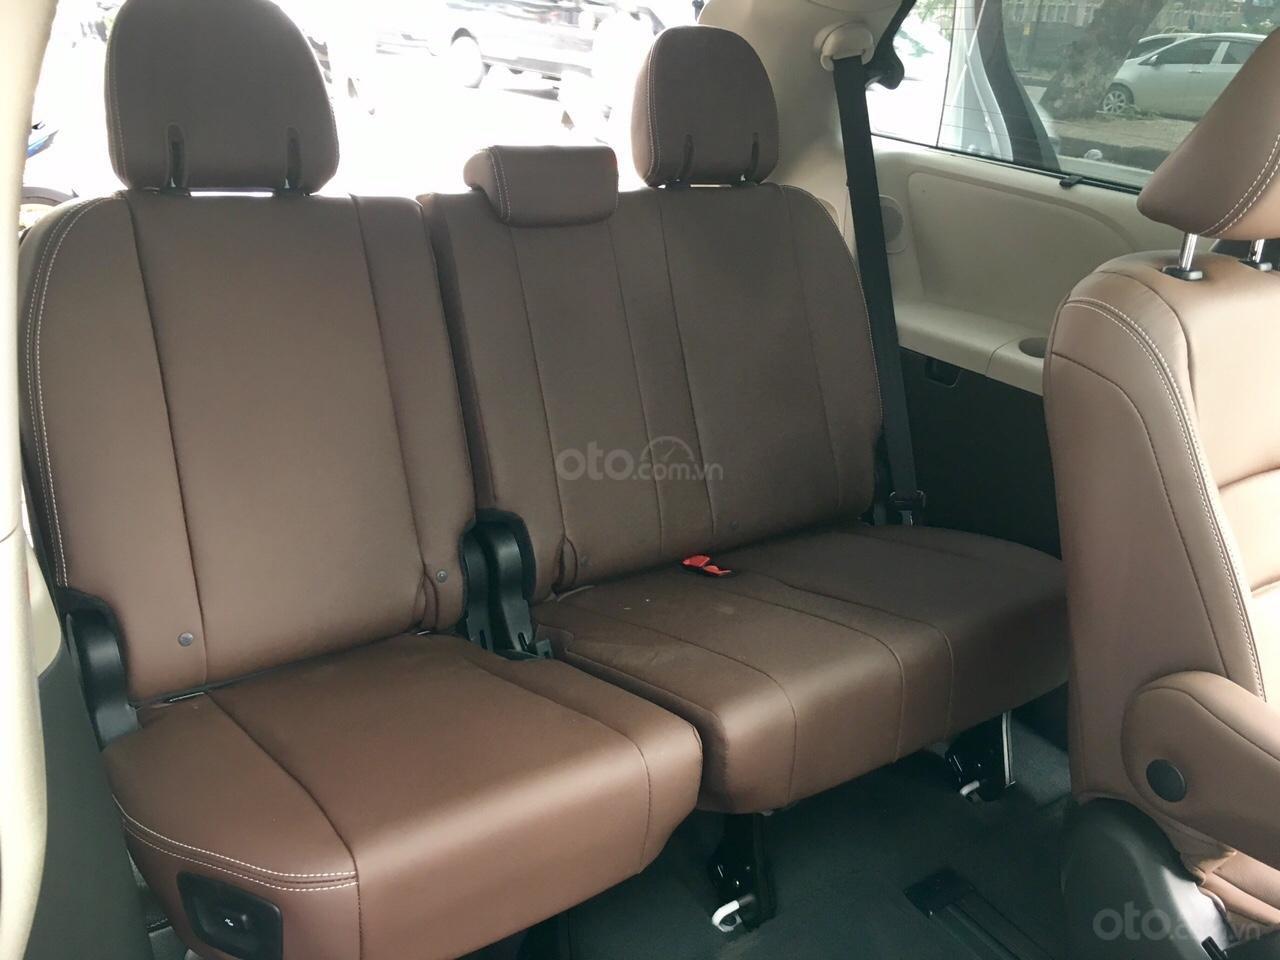 Bán Toyota Sienna Limited sản xuất 2019, mới 100%, đủ màu giao ngay, giá rẻ nhất -13